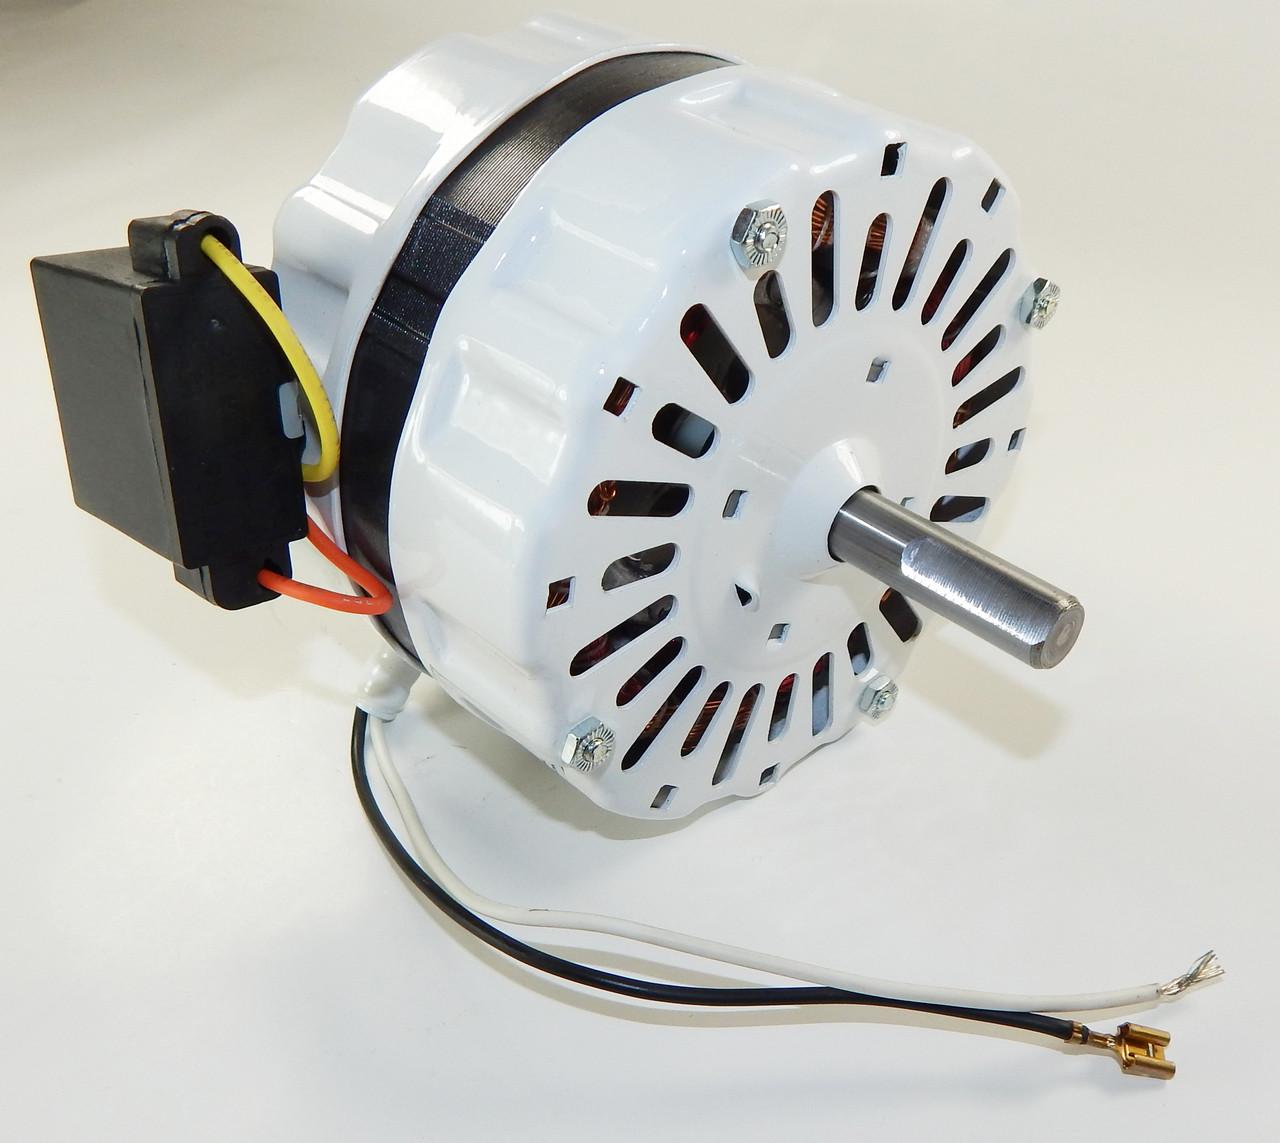 broan 356 g bk br attic vent motor 2500 rpm 6 0 amps  [ 1280 x 1143 Pixel ]